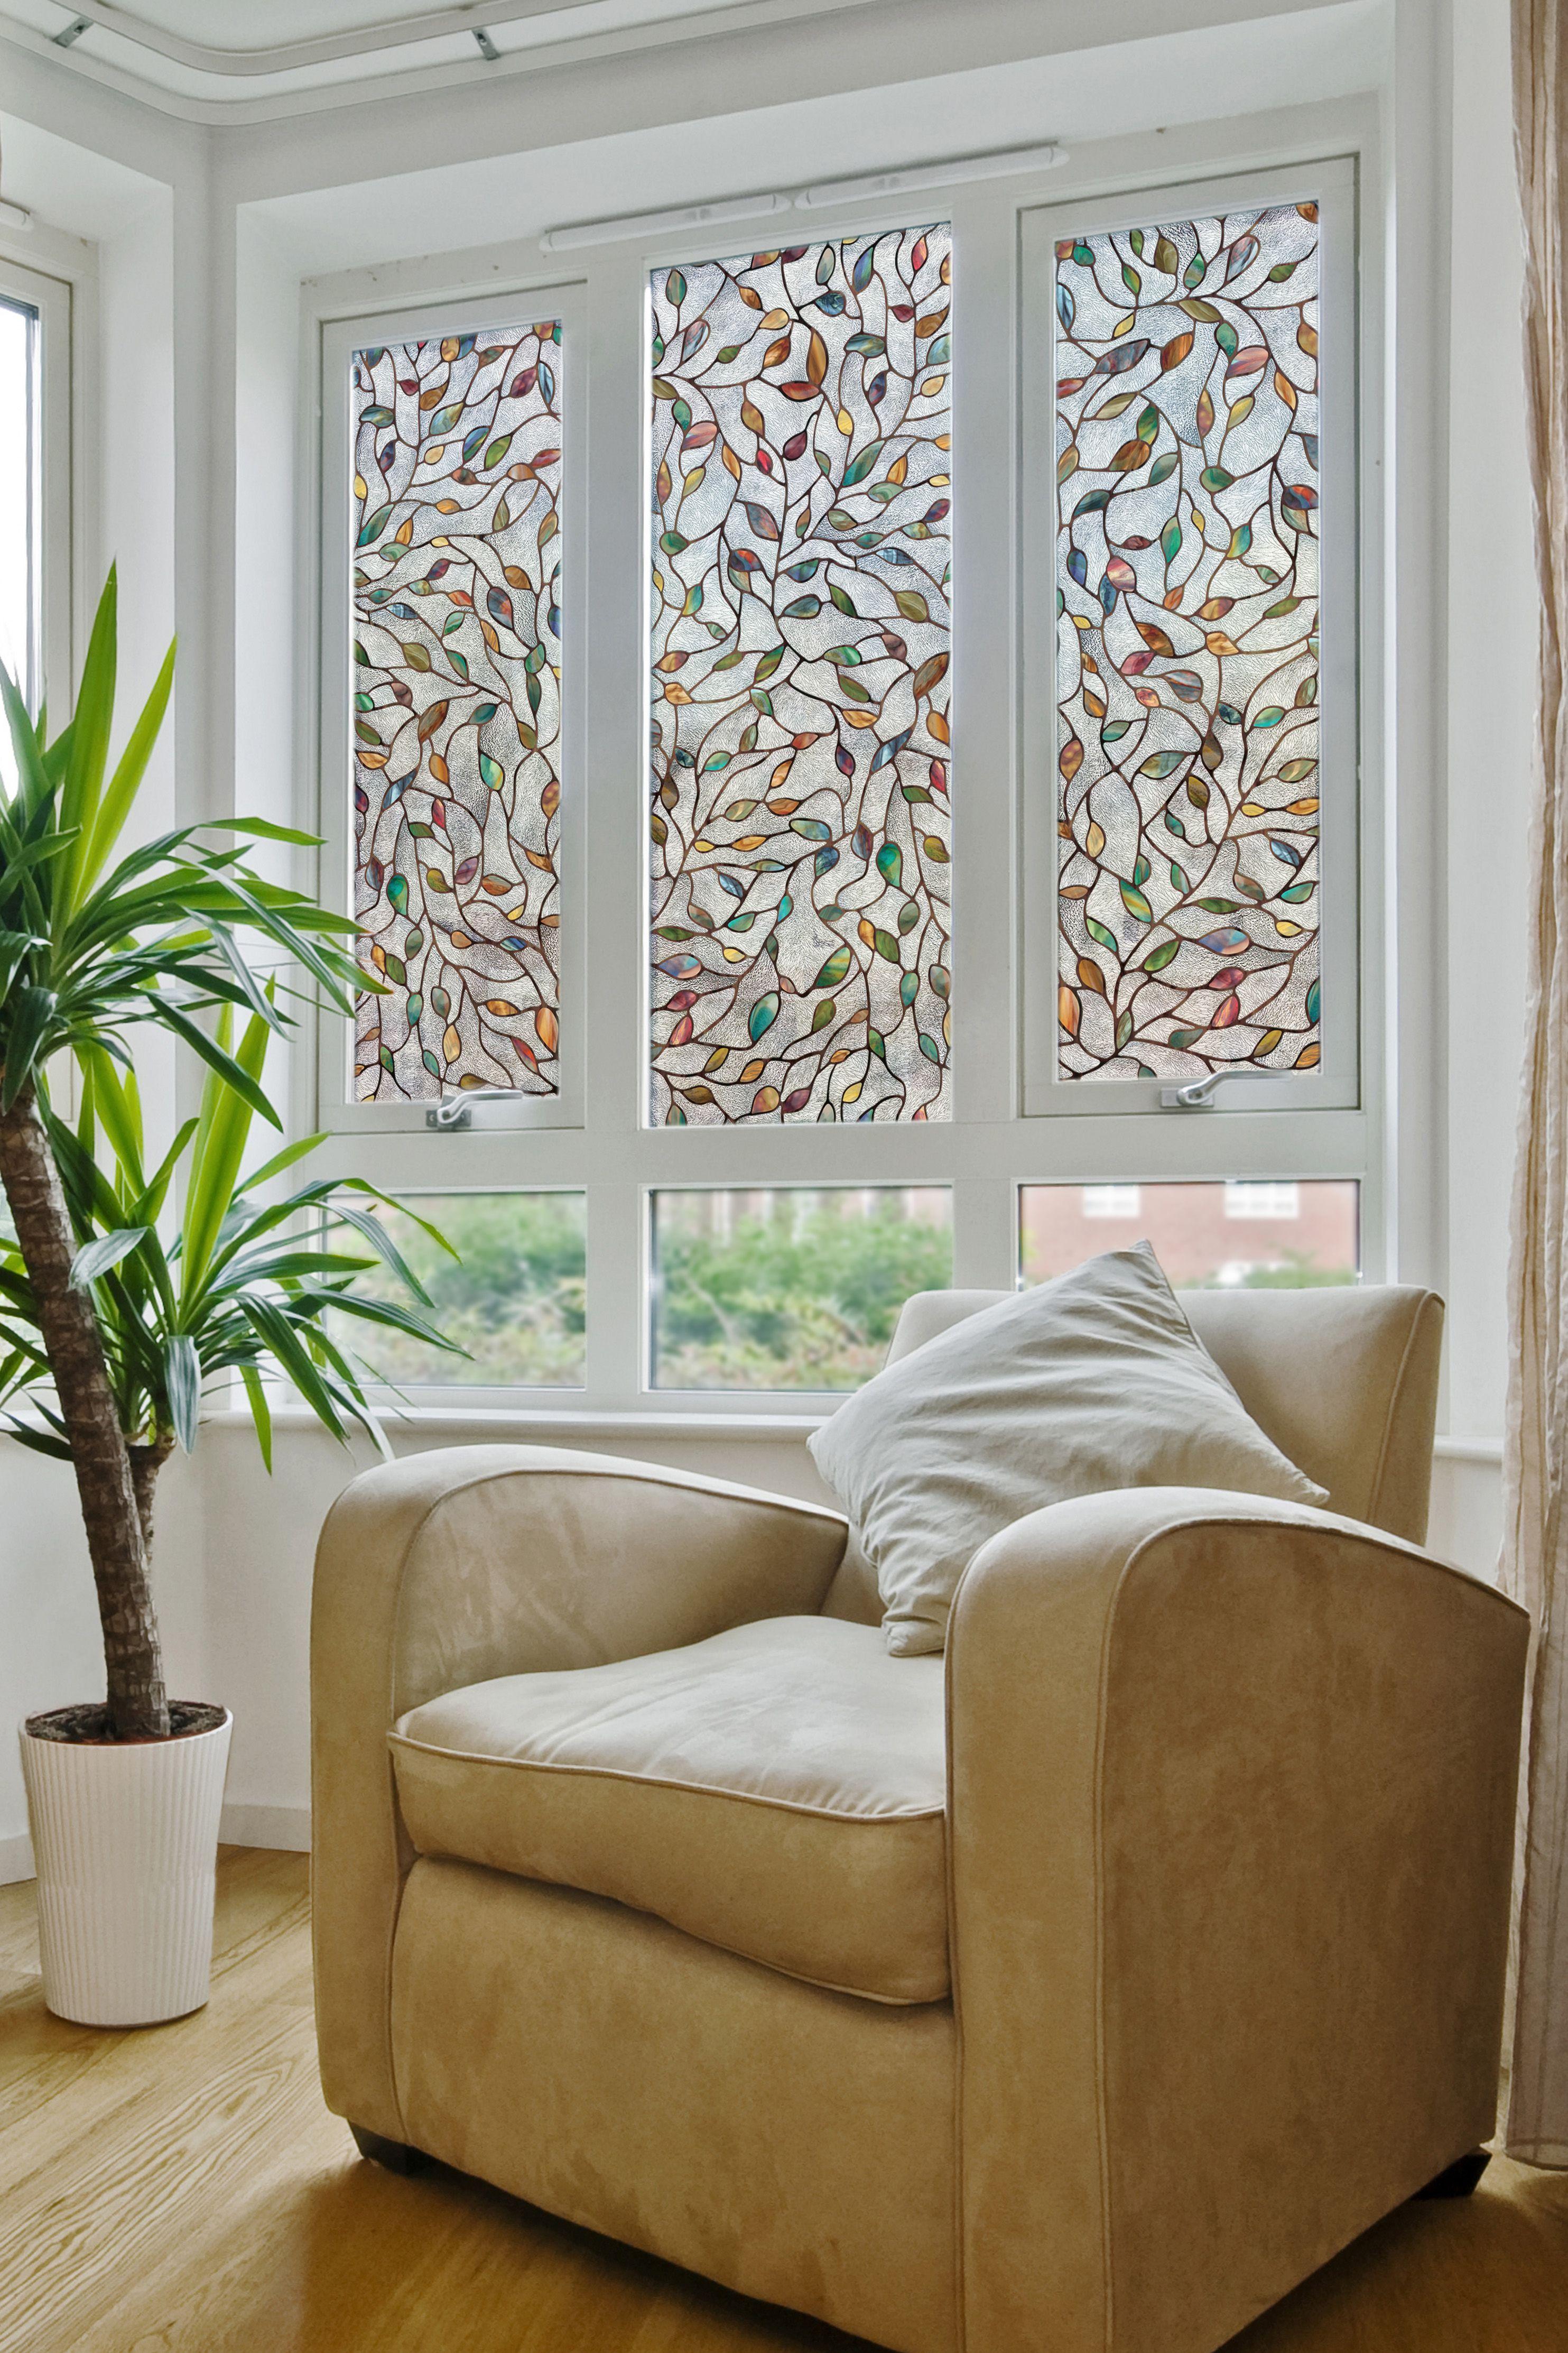 New Leaf Window Film By Artscape 24 X 36 Decorative Window